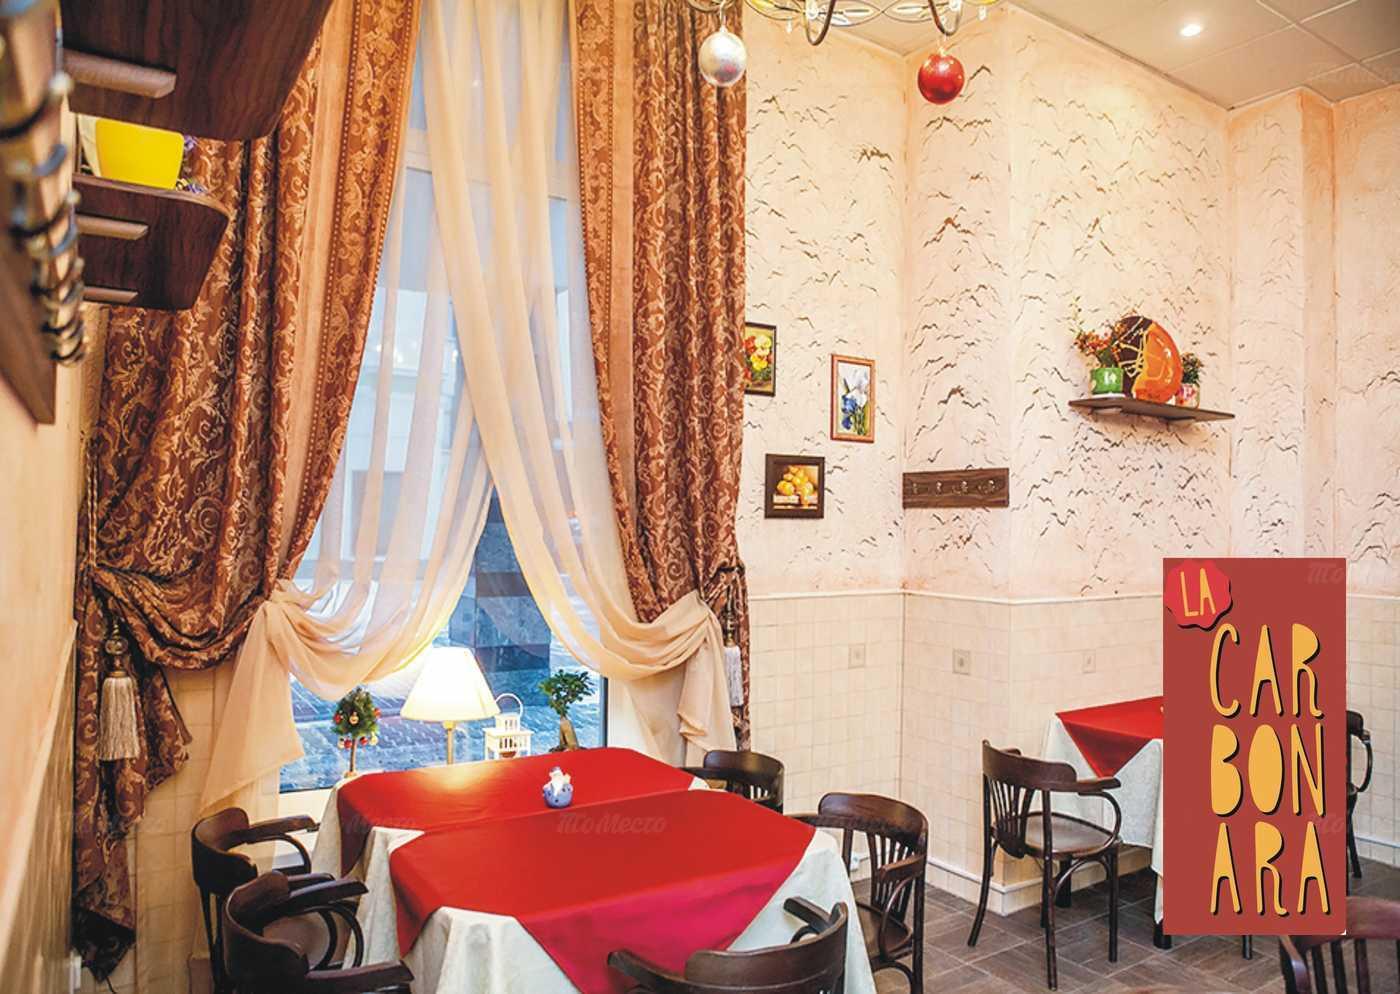 Меню ресторана Ла Карбонара (La Carbonara) на 15-й линии